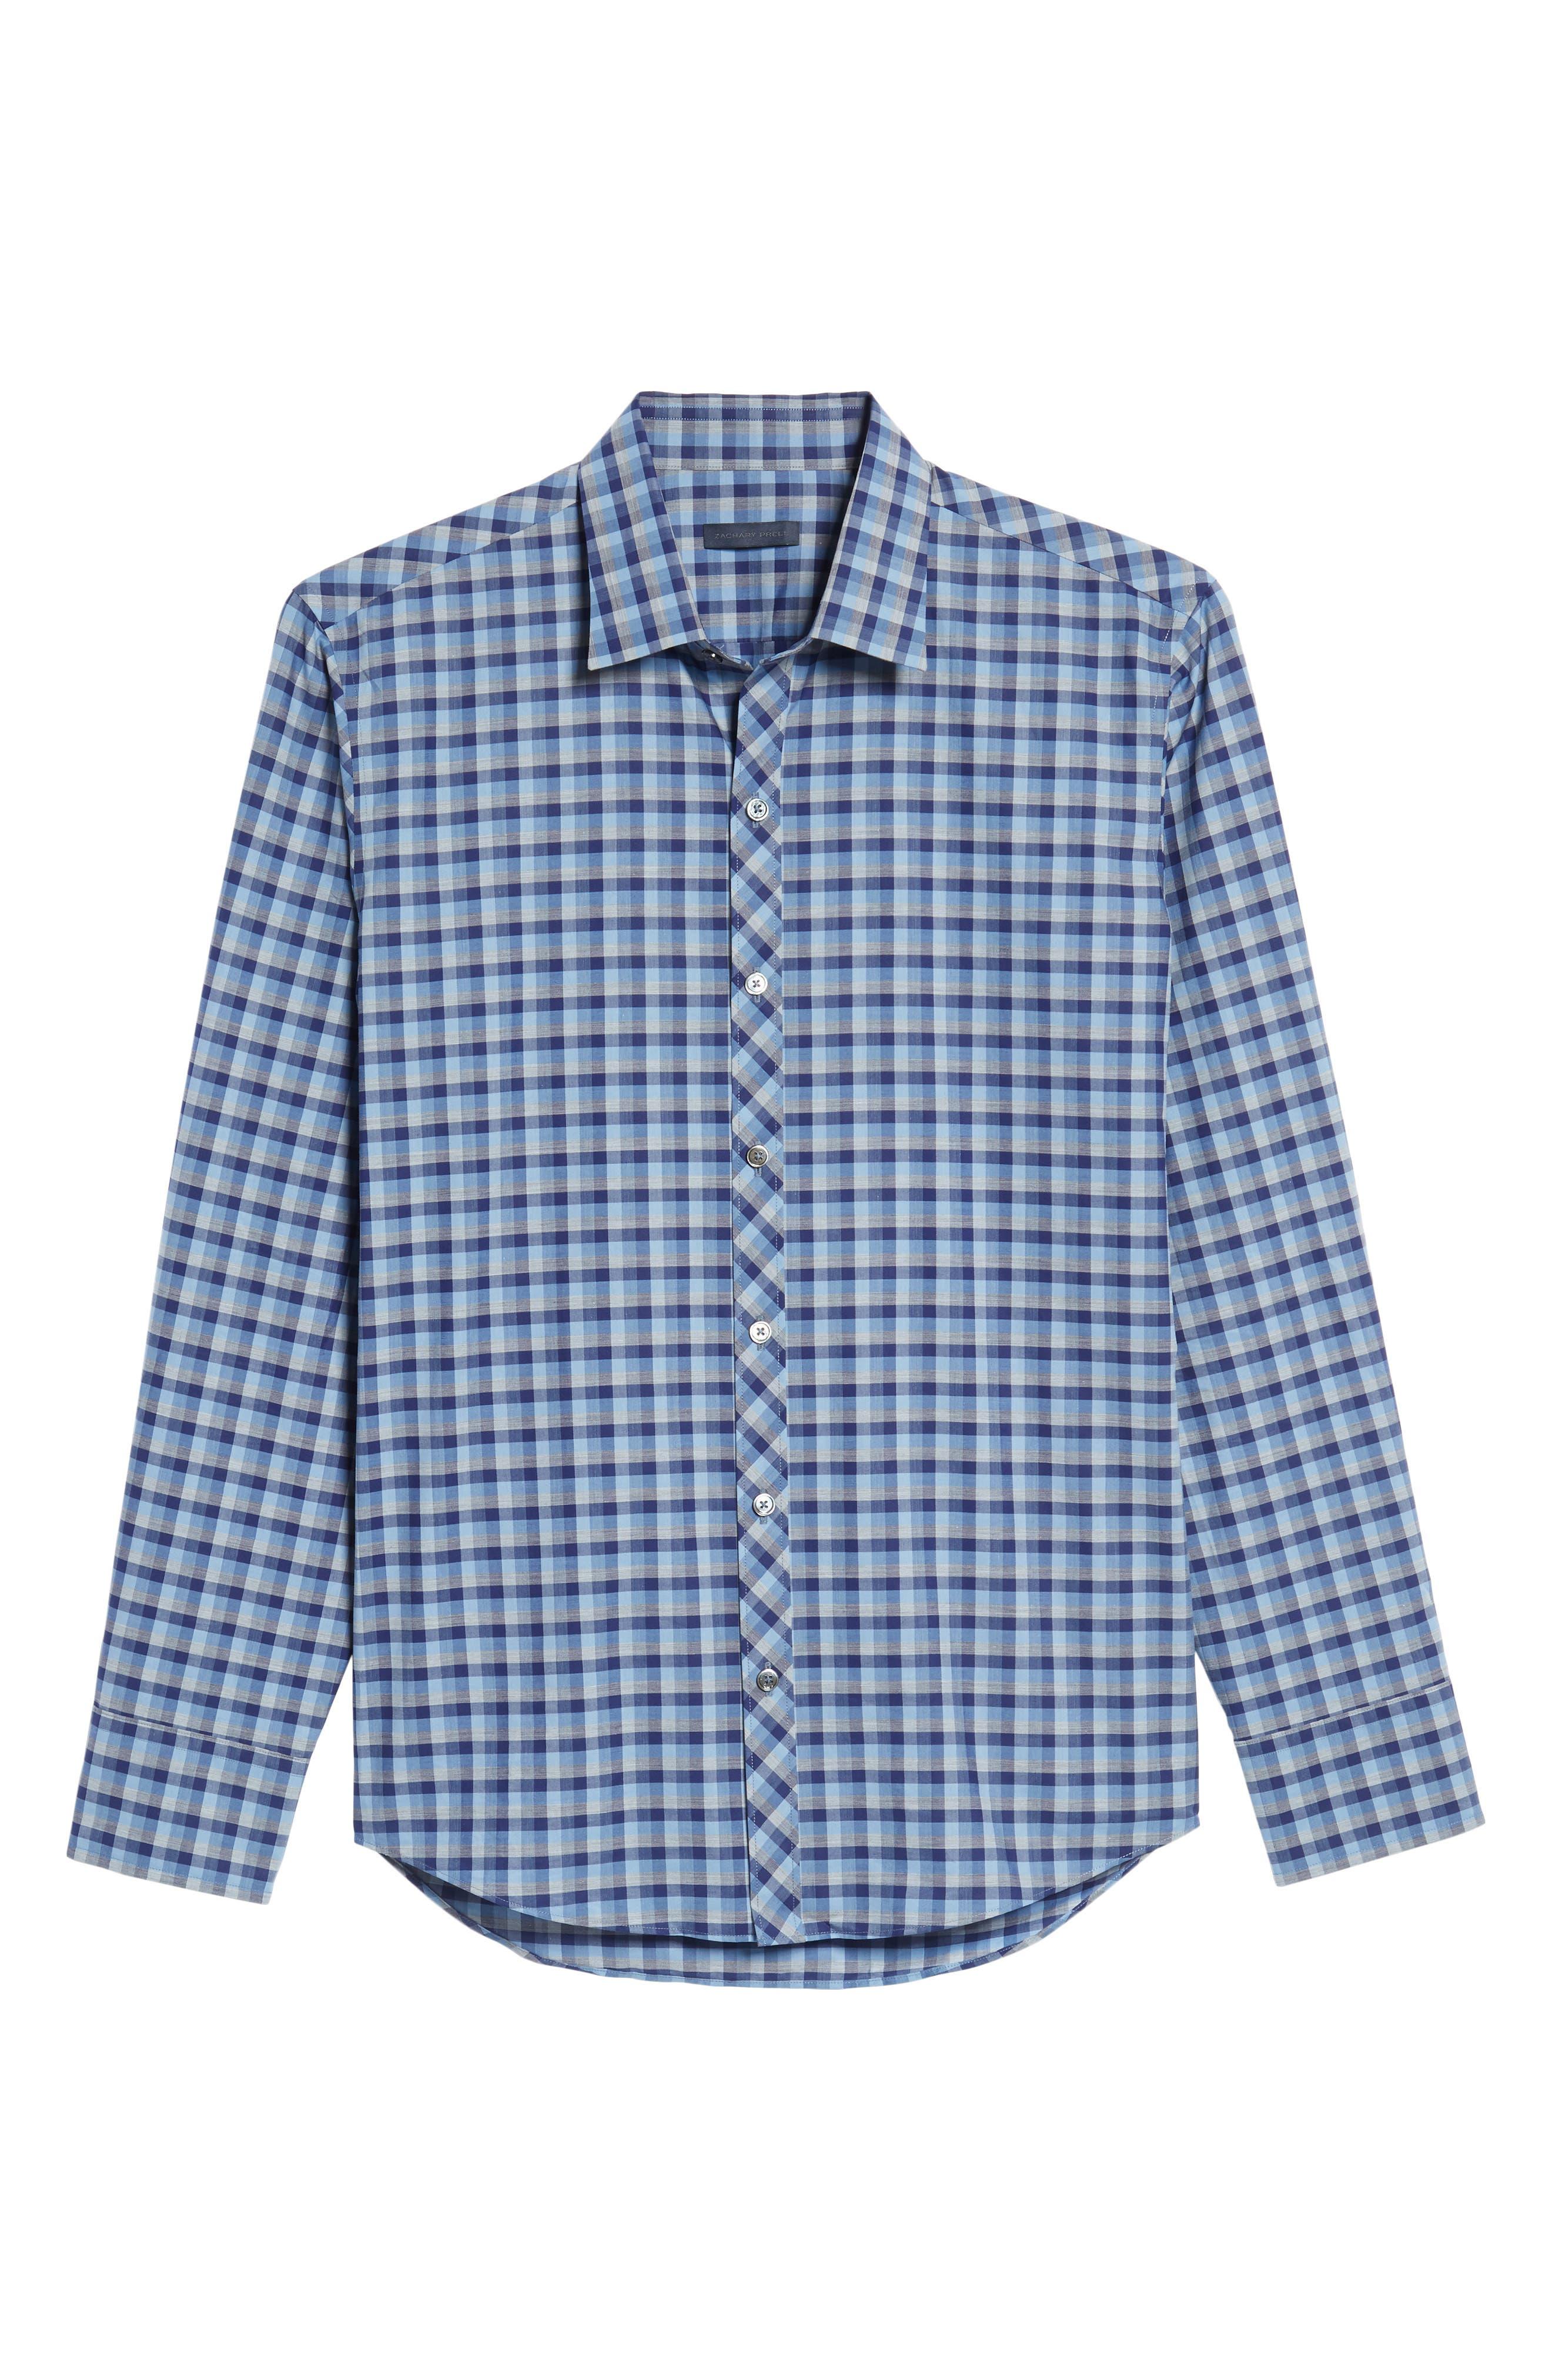 Santos Plaid Sport Shirt,                             Alternate thumbnail 6, color,                             432